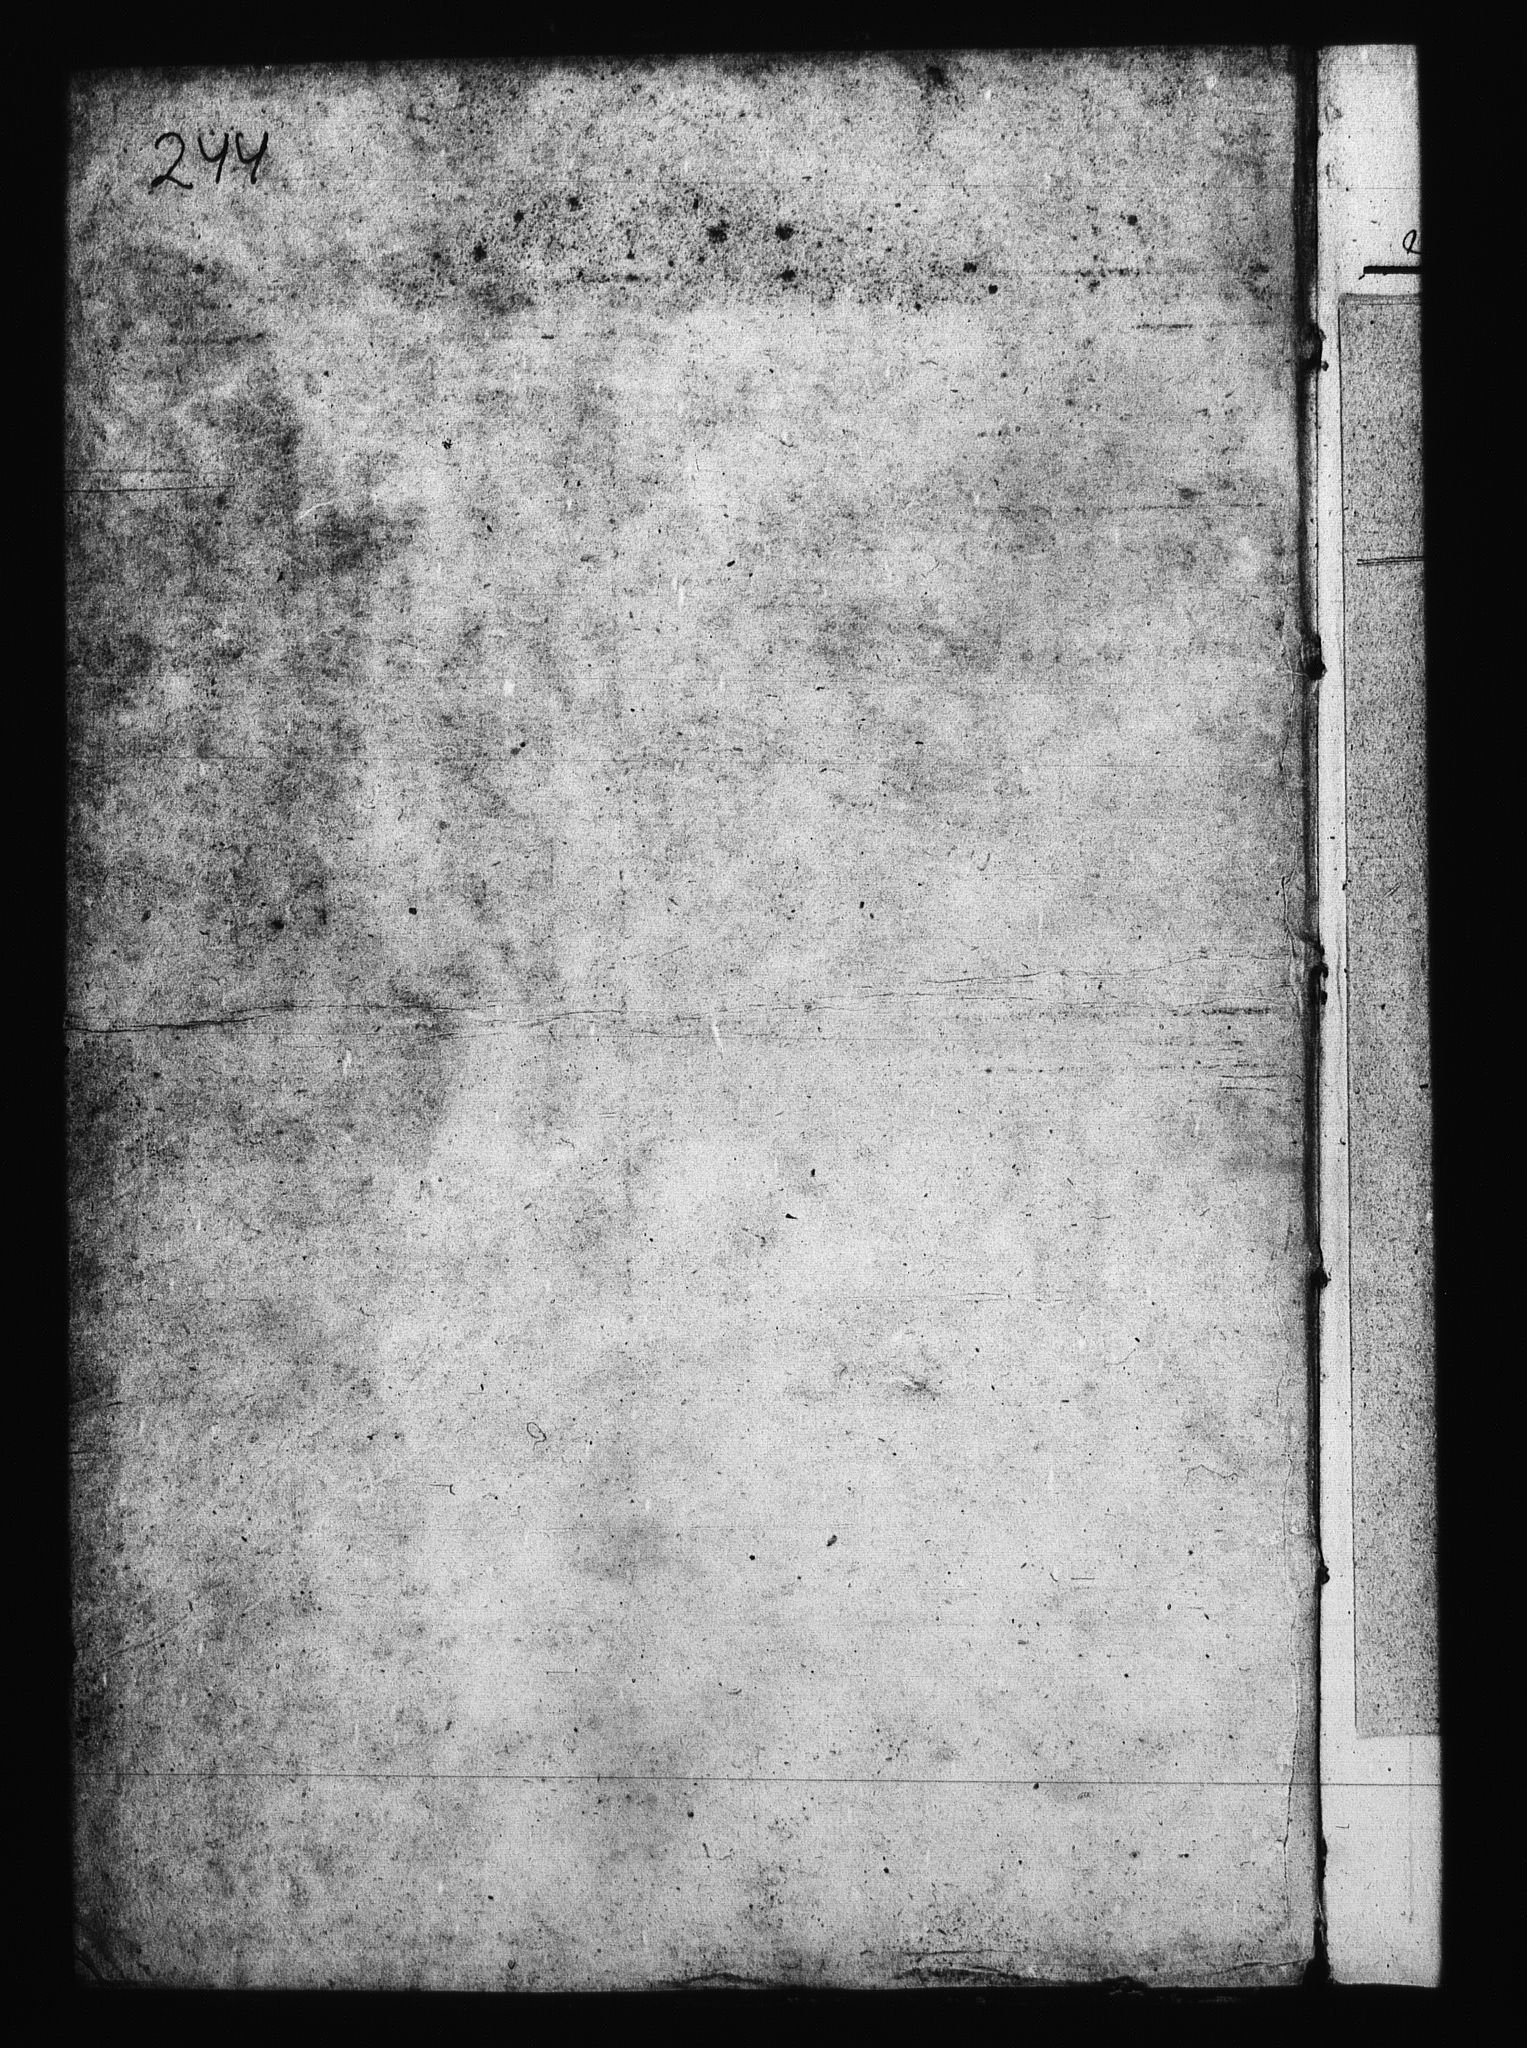 RA, Sjøetaten, F/L0245: Bergen distrikt, bind 1, 1806